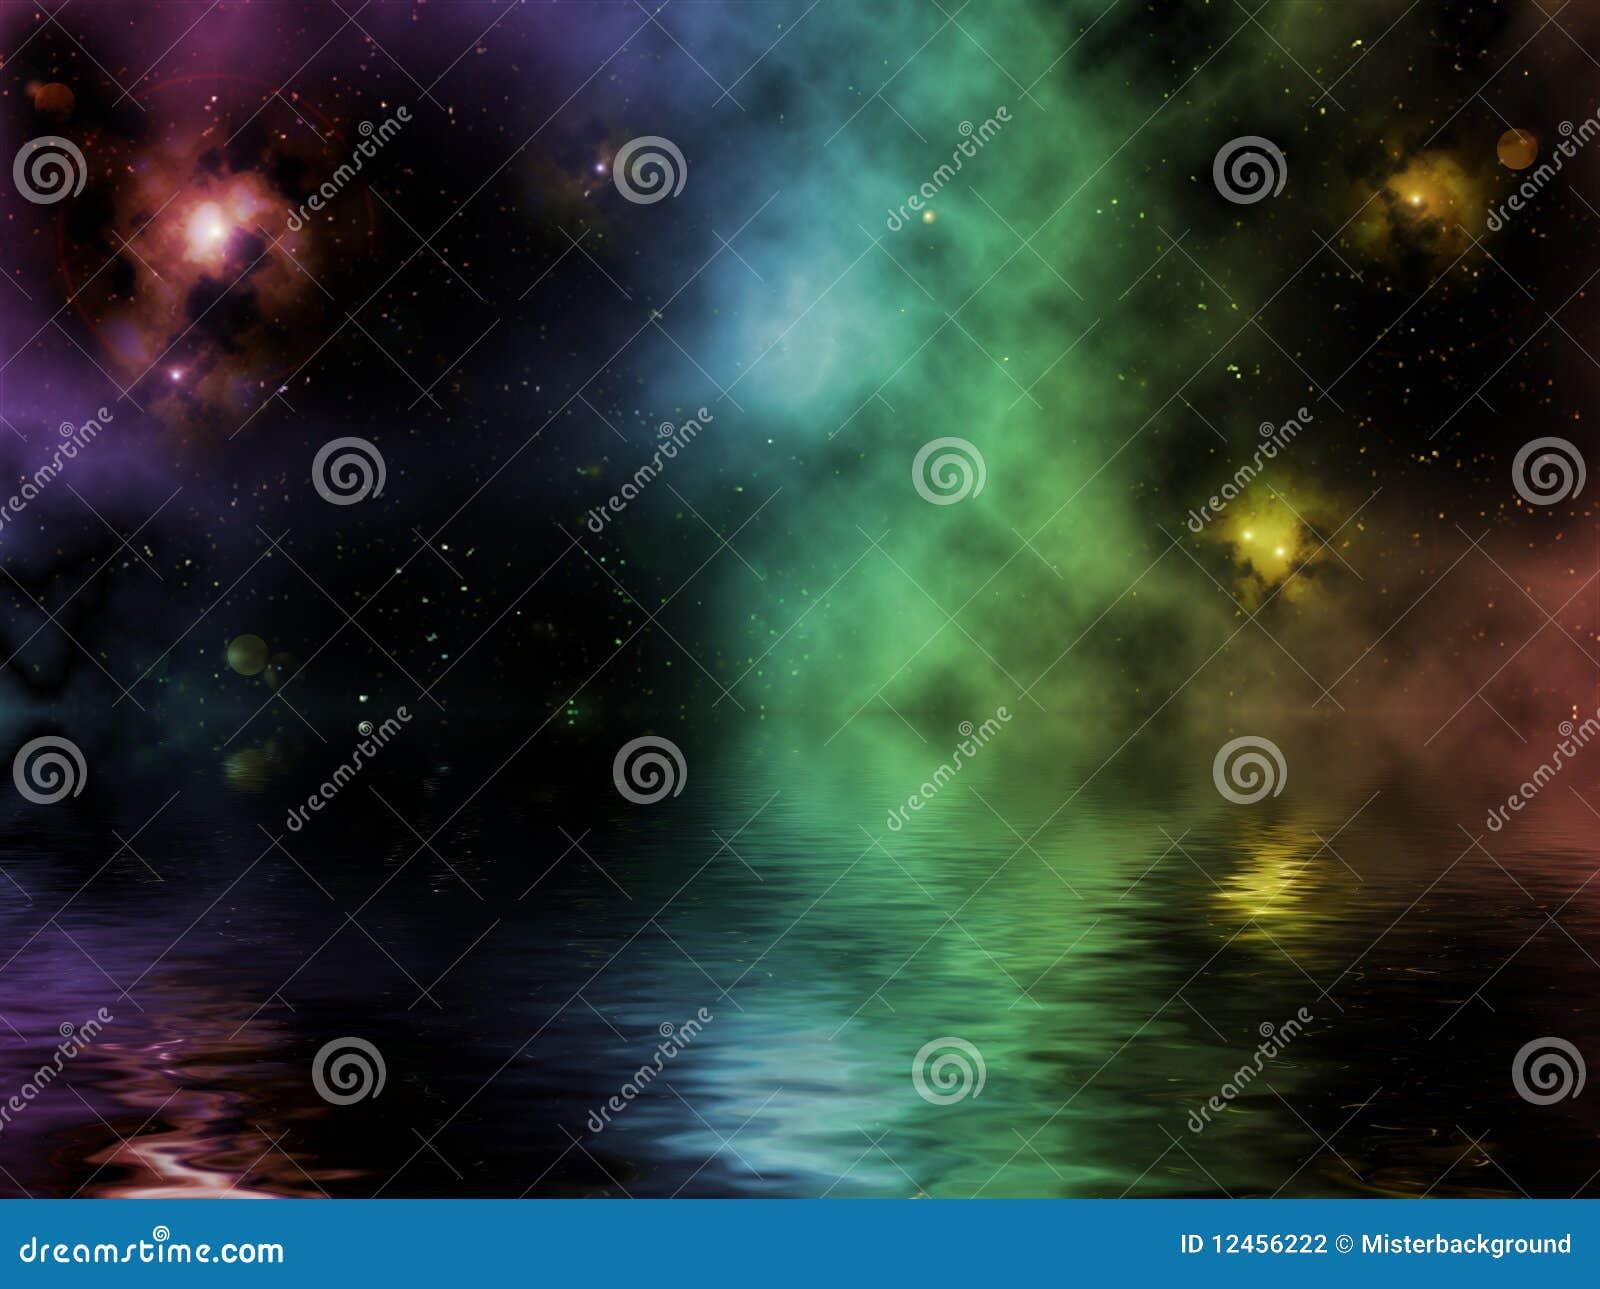 Imaginary Universe With Pretty Nebula Stock Illustration ... |Pretty Nebula